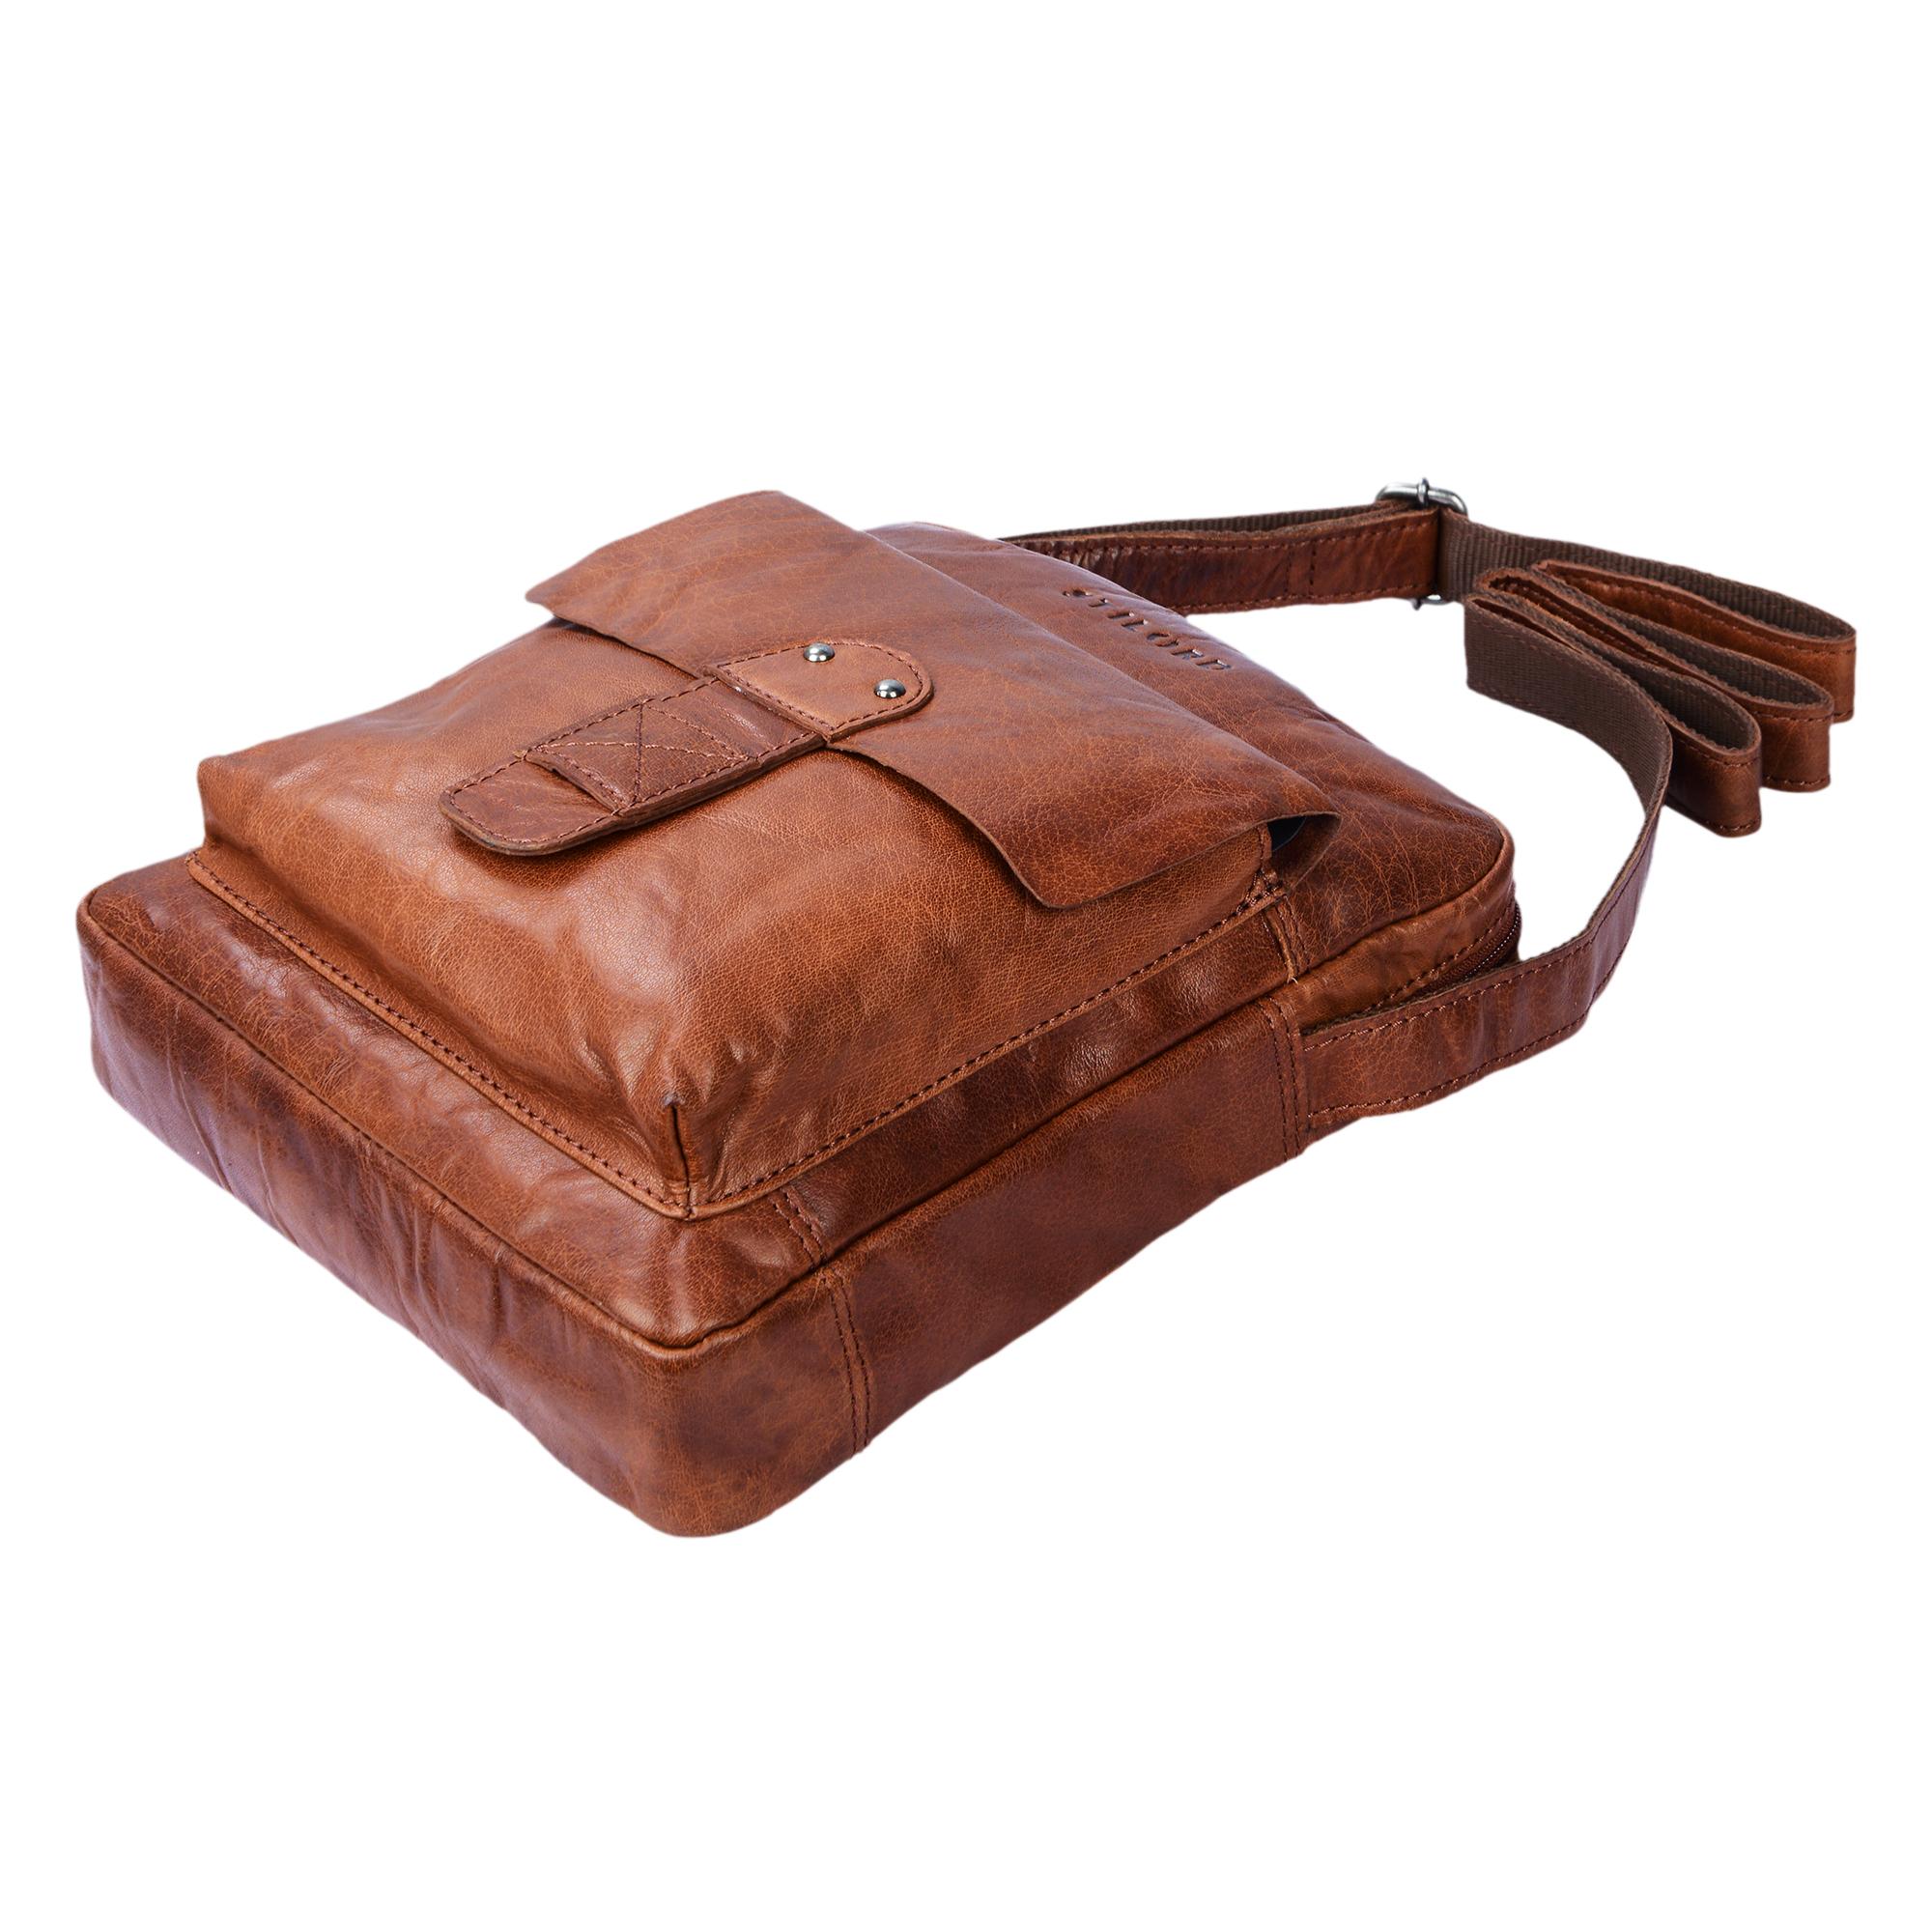 """STILORD """"Luan"""" Kleine Umhängetasche Leder Vintage für Männer und Frauen Messenger Bag mit 10.1 Zoll Tabletfach Cross Body Bag für DIN A5 aus echtem Leder - Bild 6"""